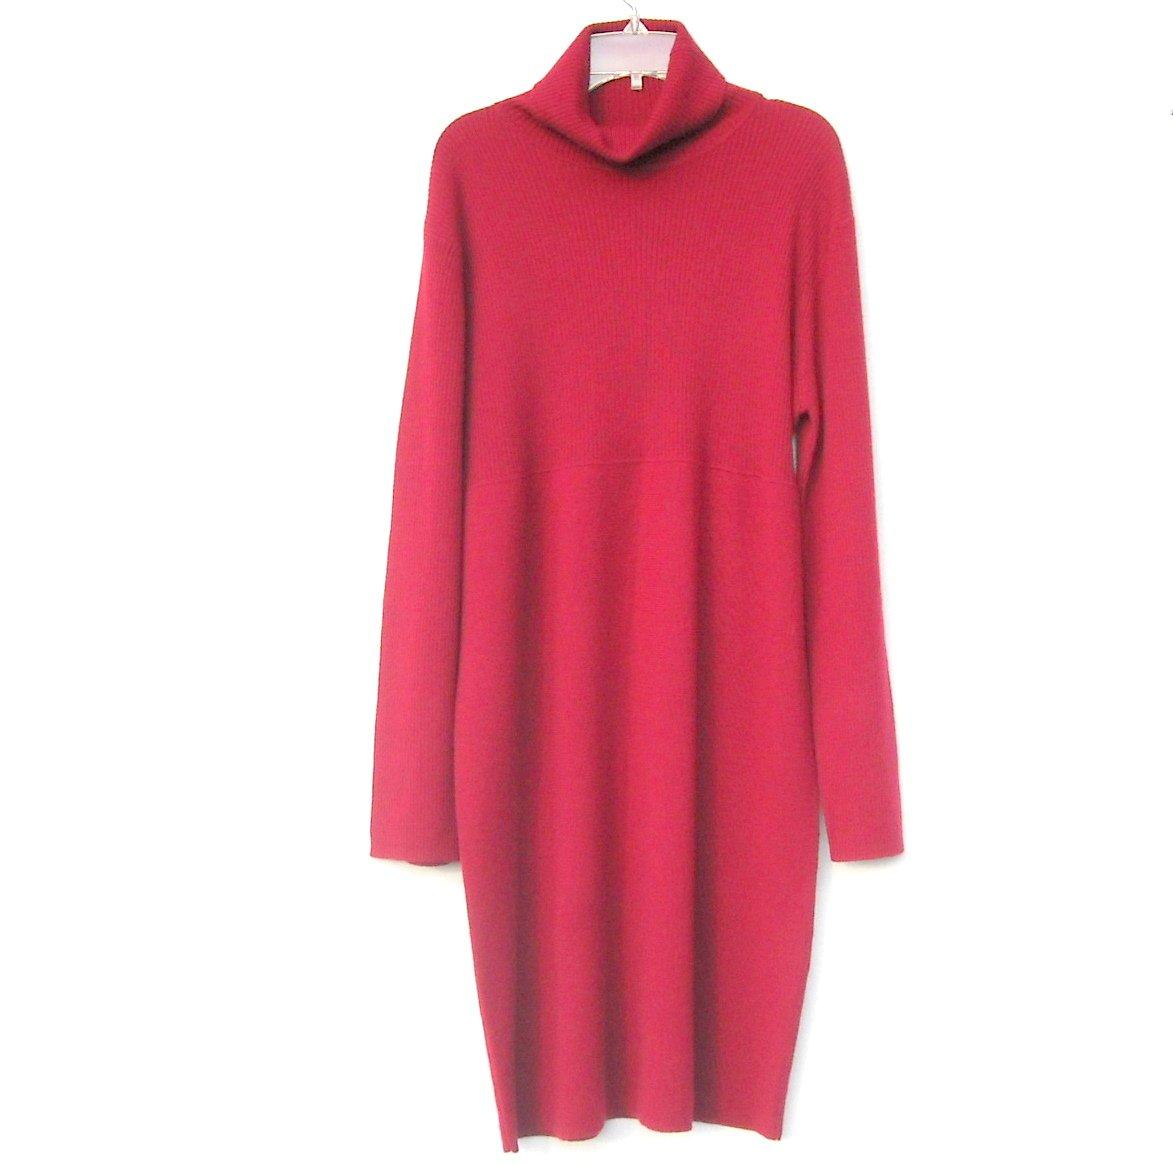 Mimi Maternity Knit Red Dress Size L